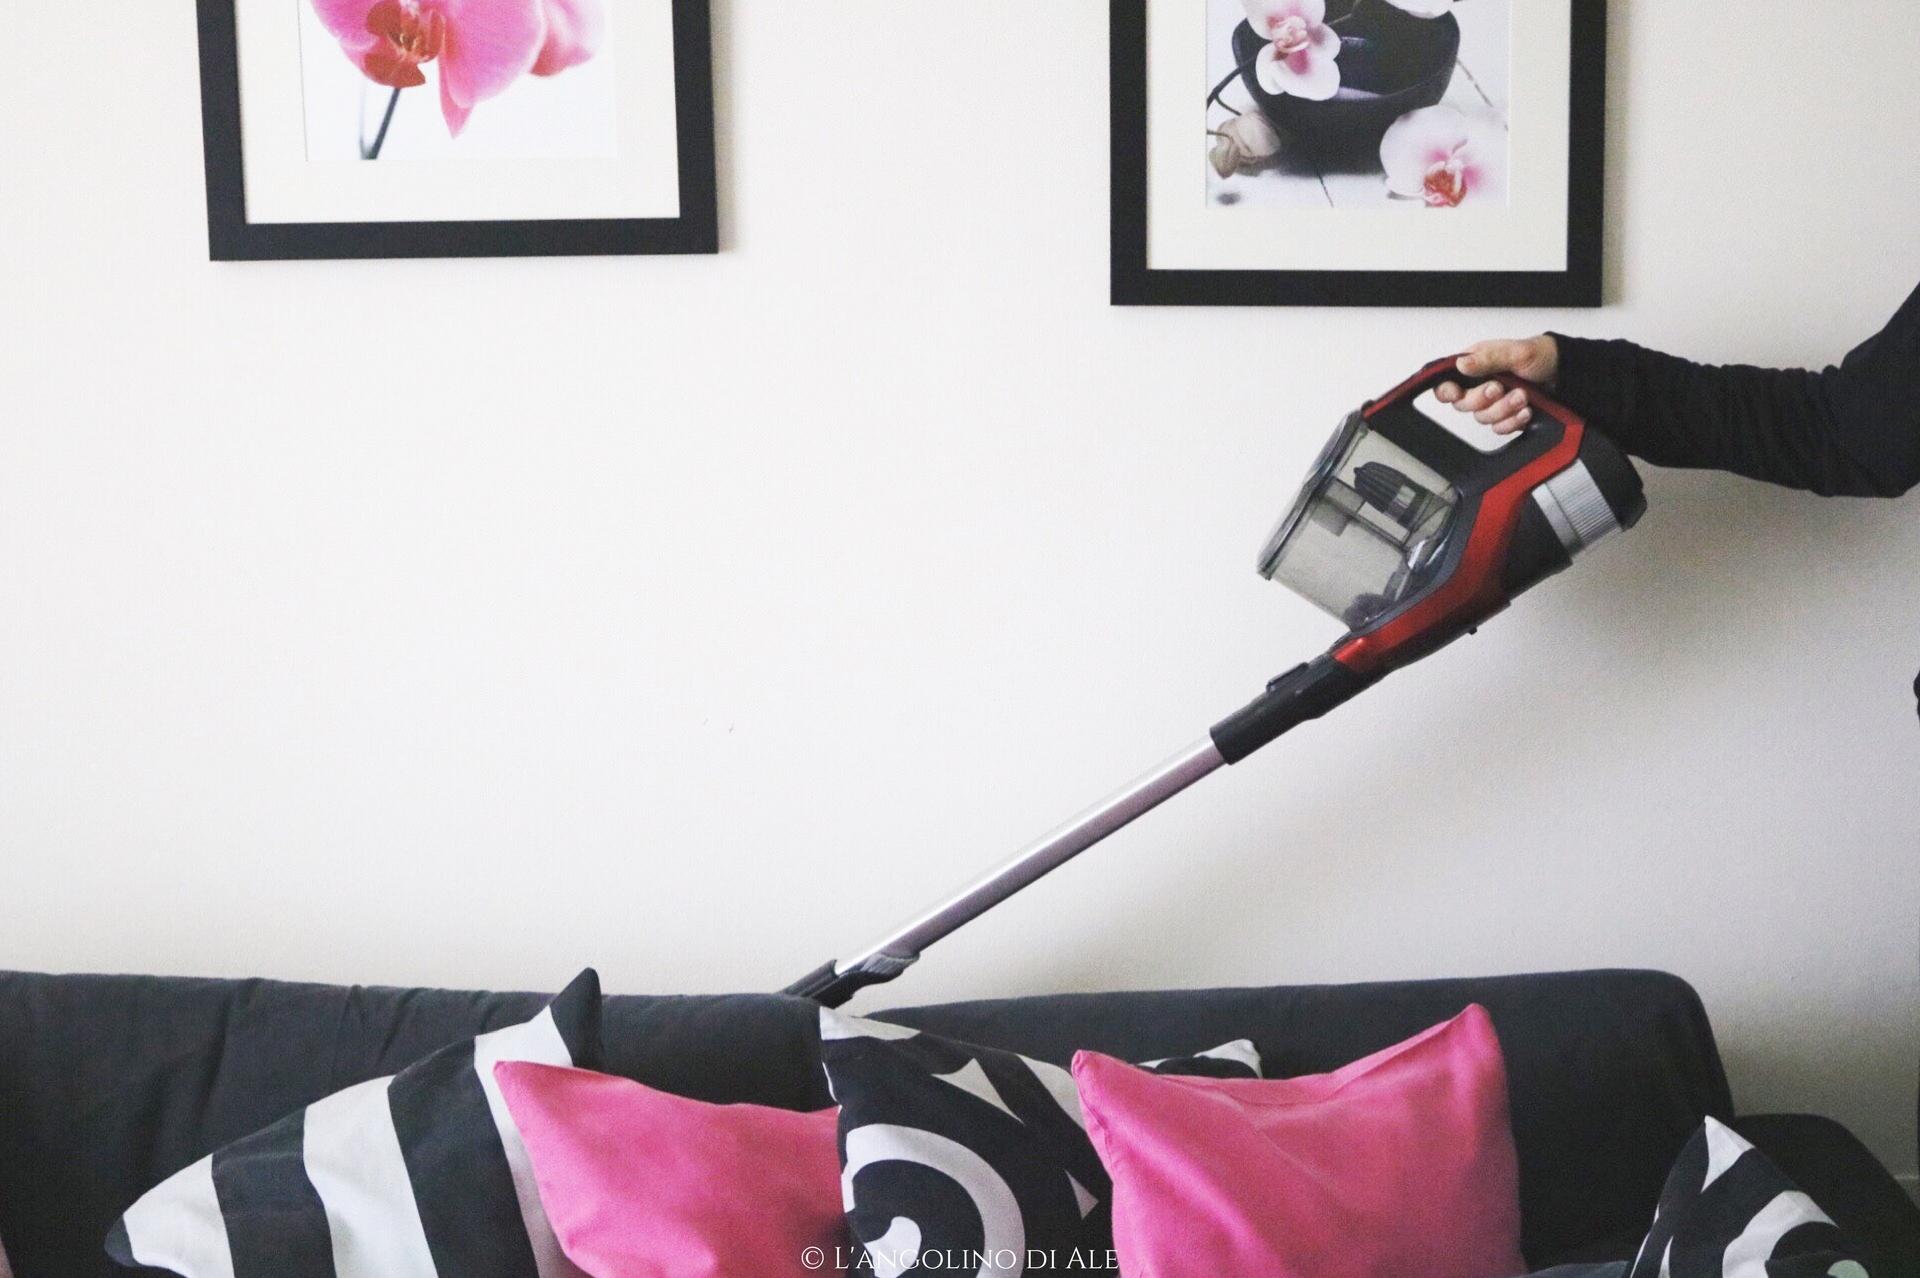 La mia opinione sulla scopa elettrica senza fili ciclonica for Scopa sul divano